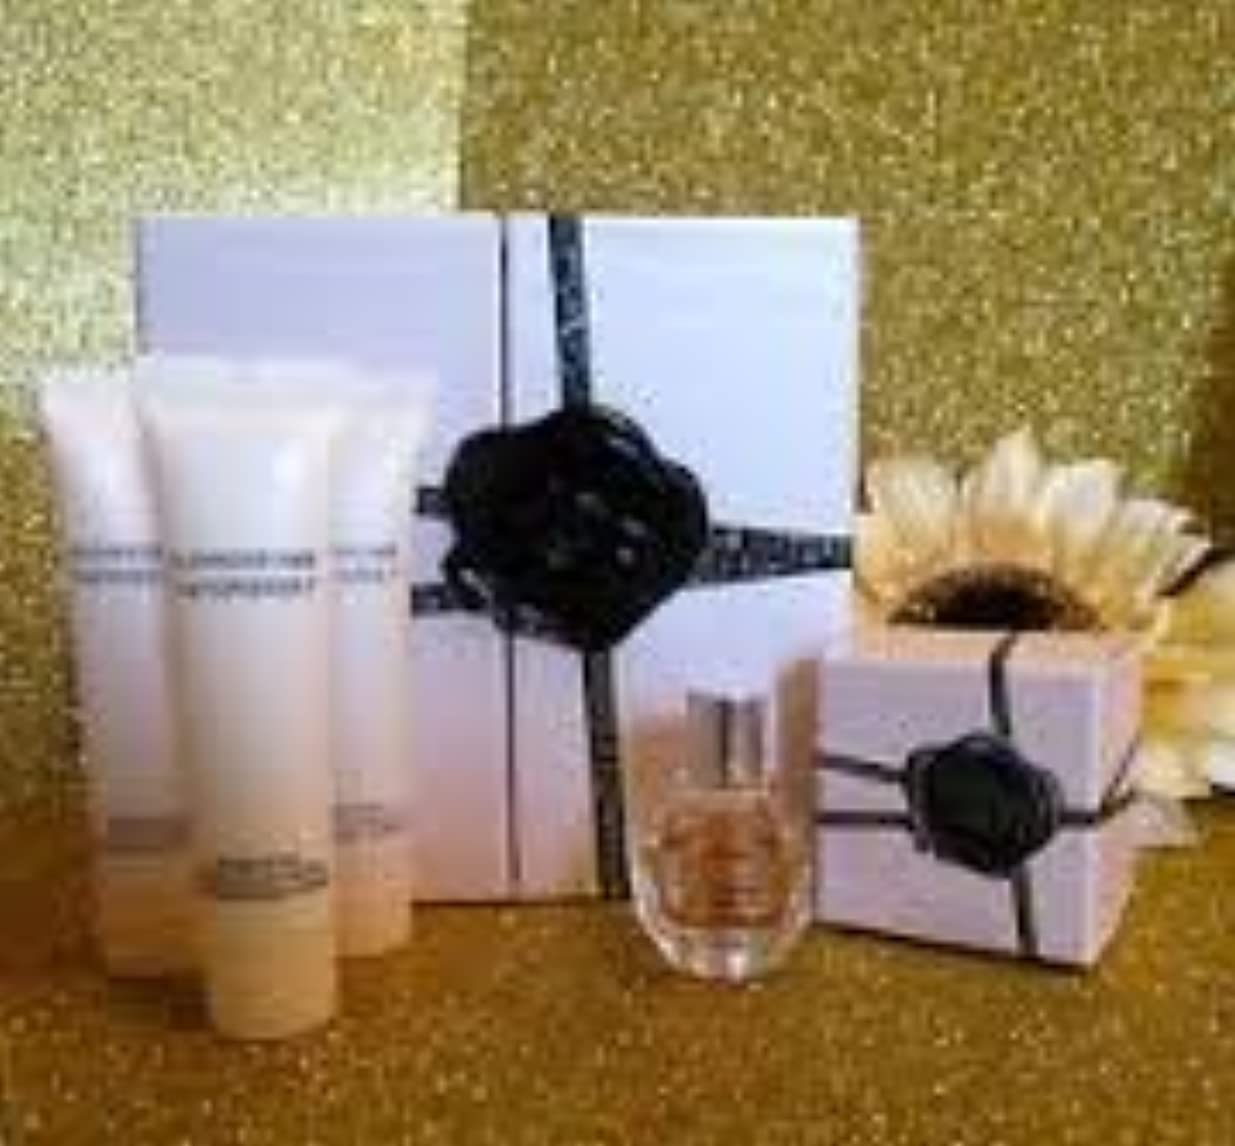 ログ転用ベアリングサークルFlowerbomb (フラワーボム) Miniature ミニチュア Gift Set by Viktor & Rolf for Women